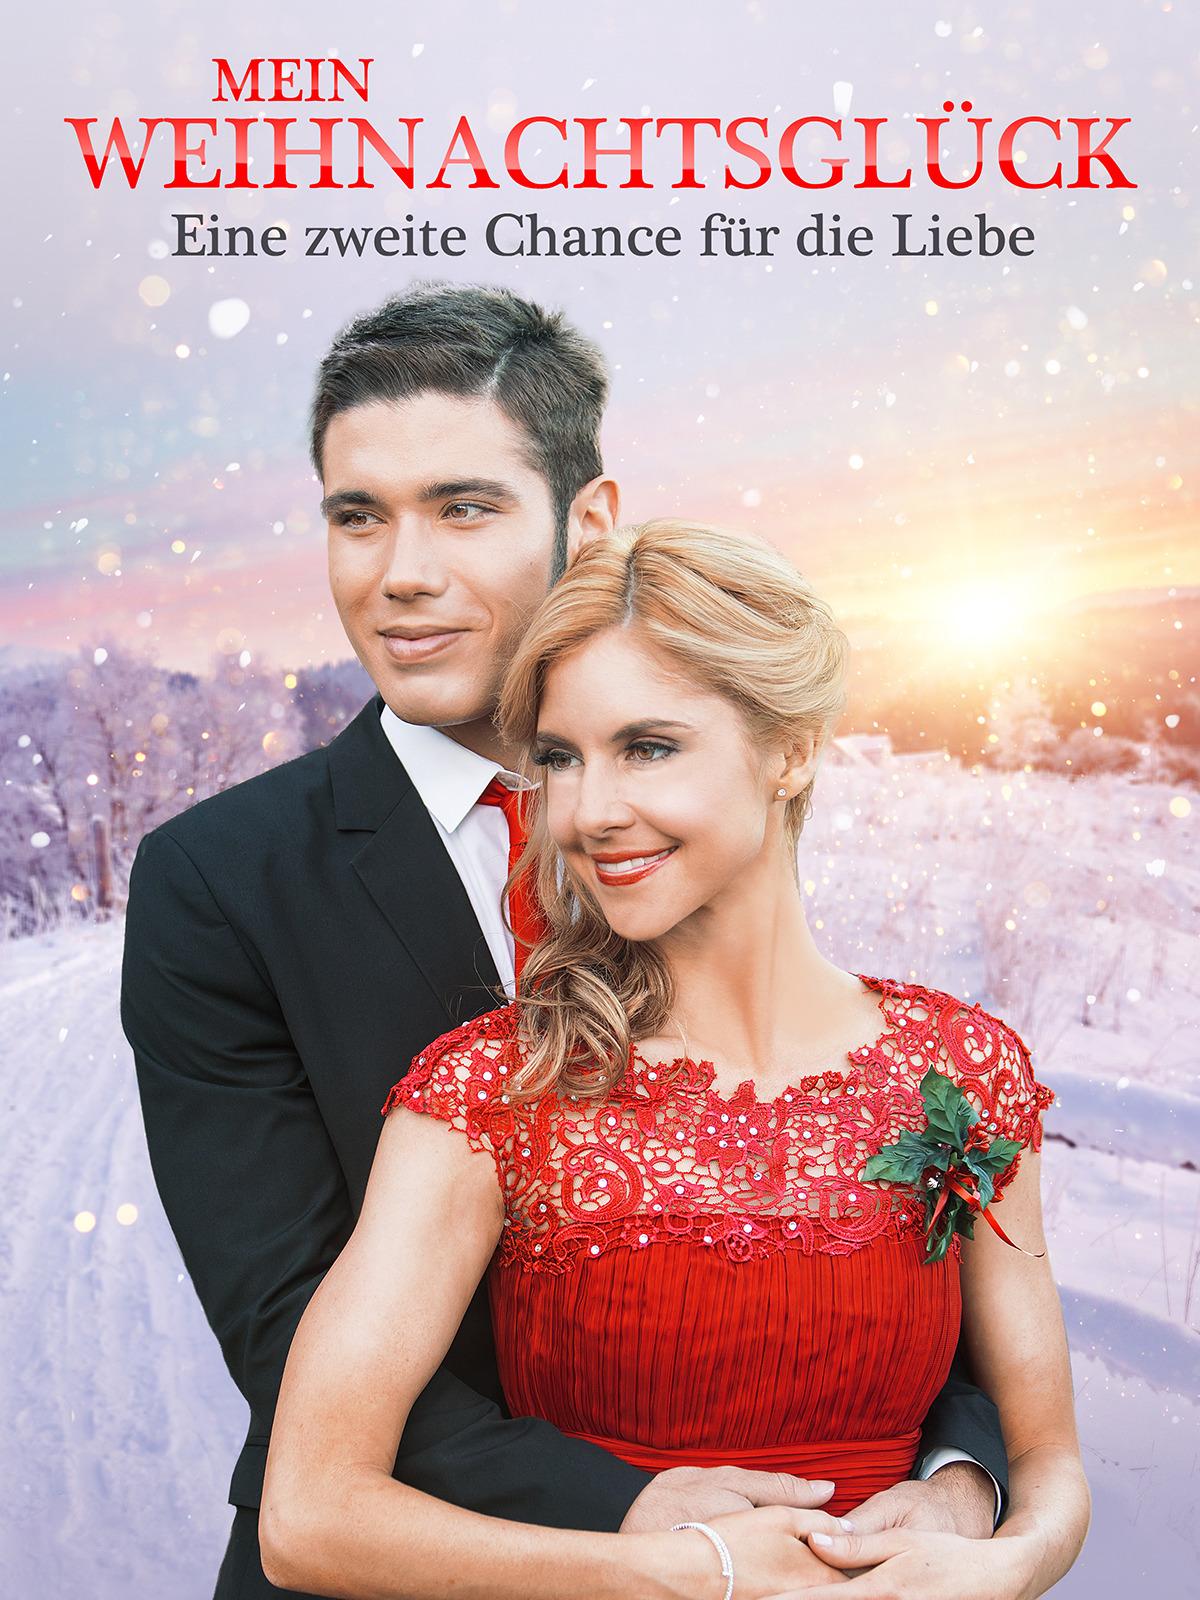 Mein Weihnachtsglück - Eine zweite Chance für die Liebe